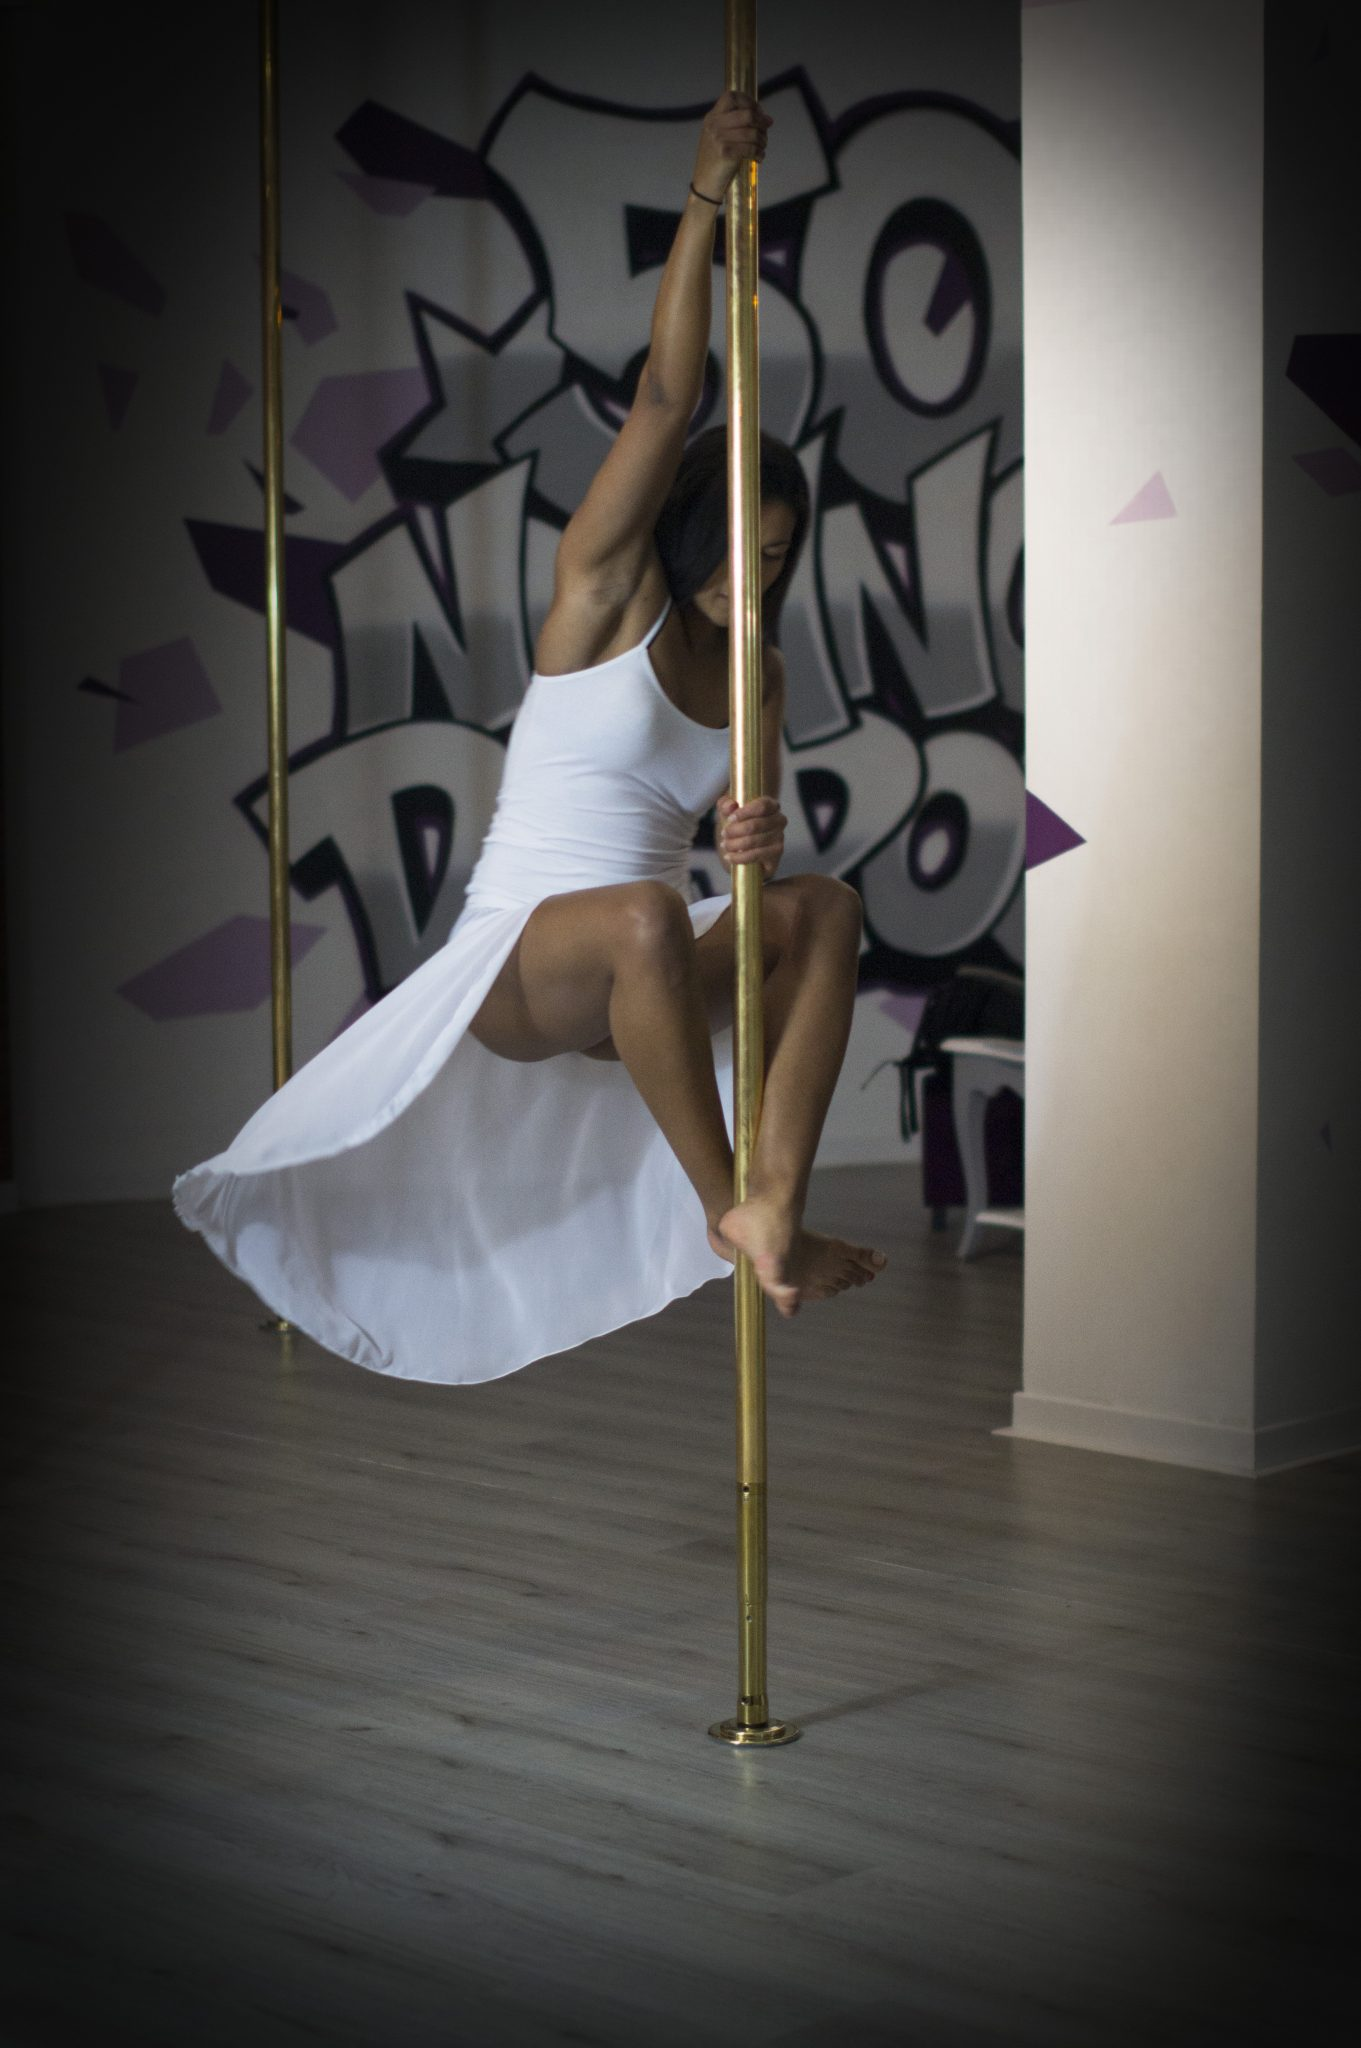 la pole dance m 39 a r concili e avec mon corps un courant de vert. Black Bedroom Furniture Sets. Home Design Ideas